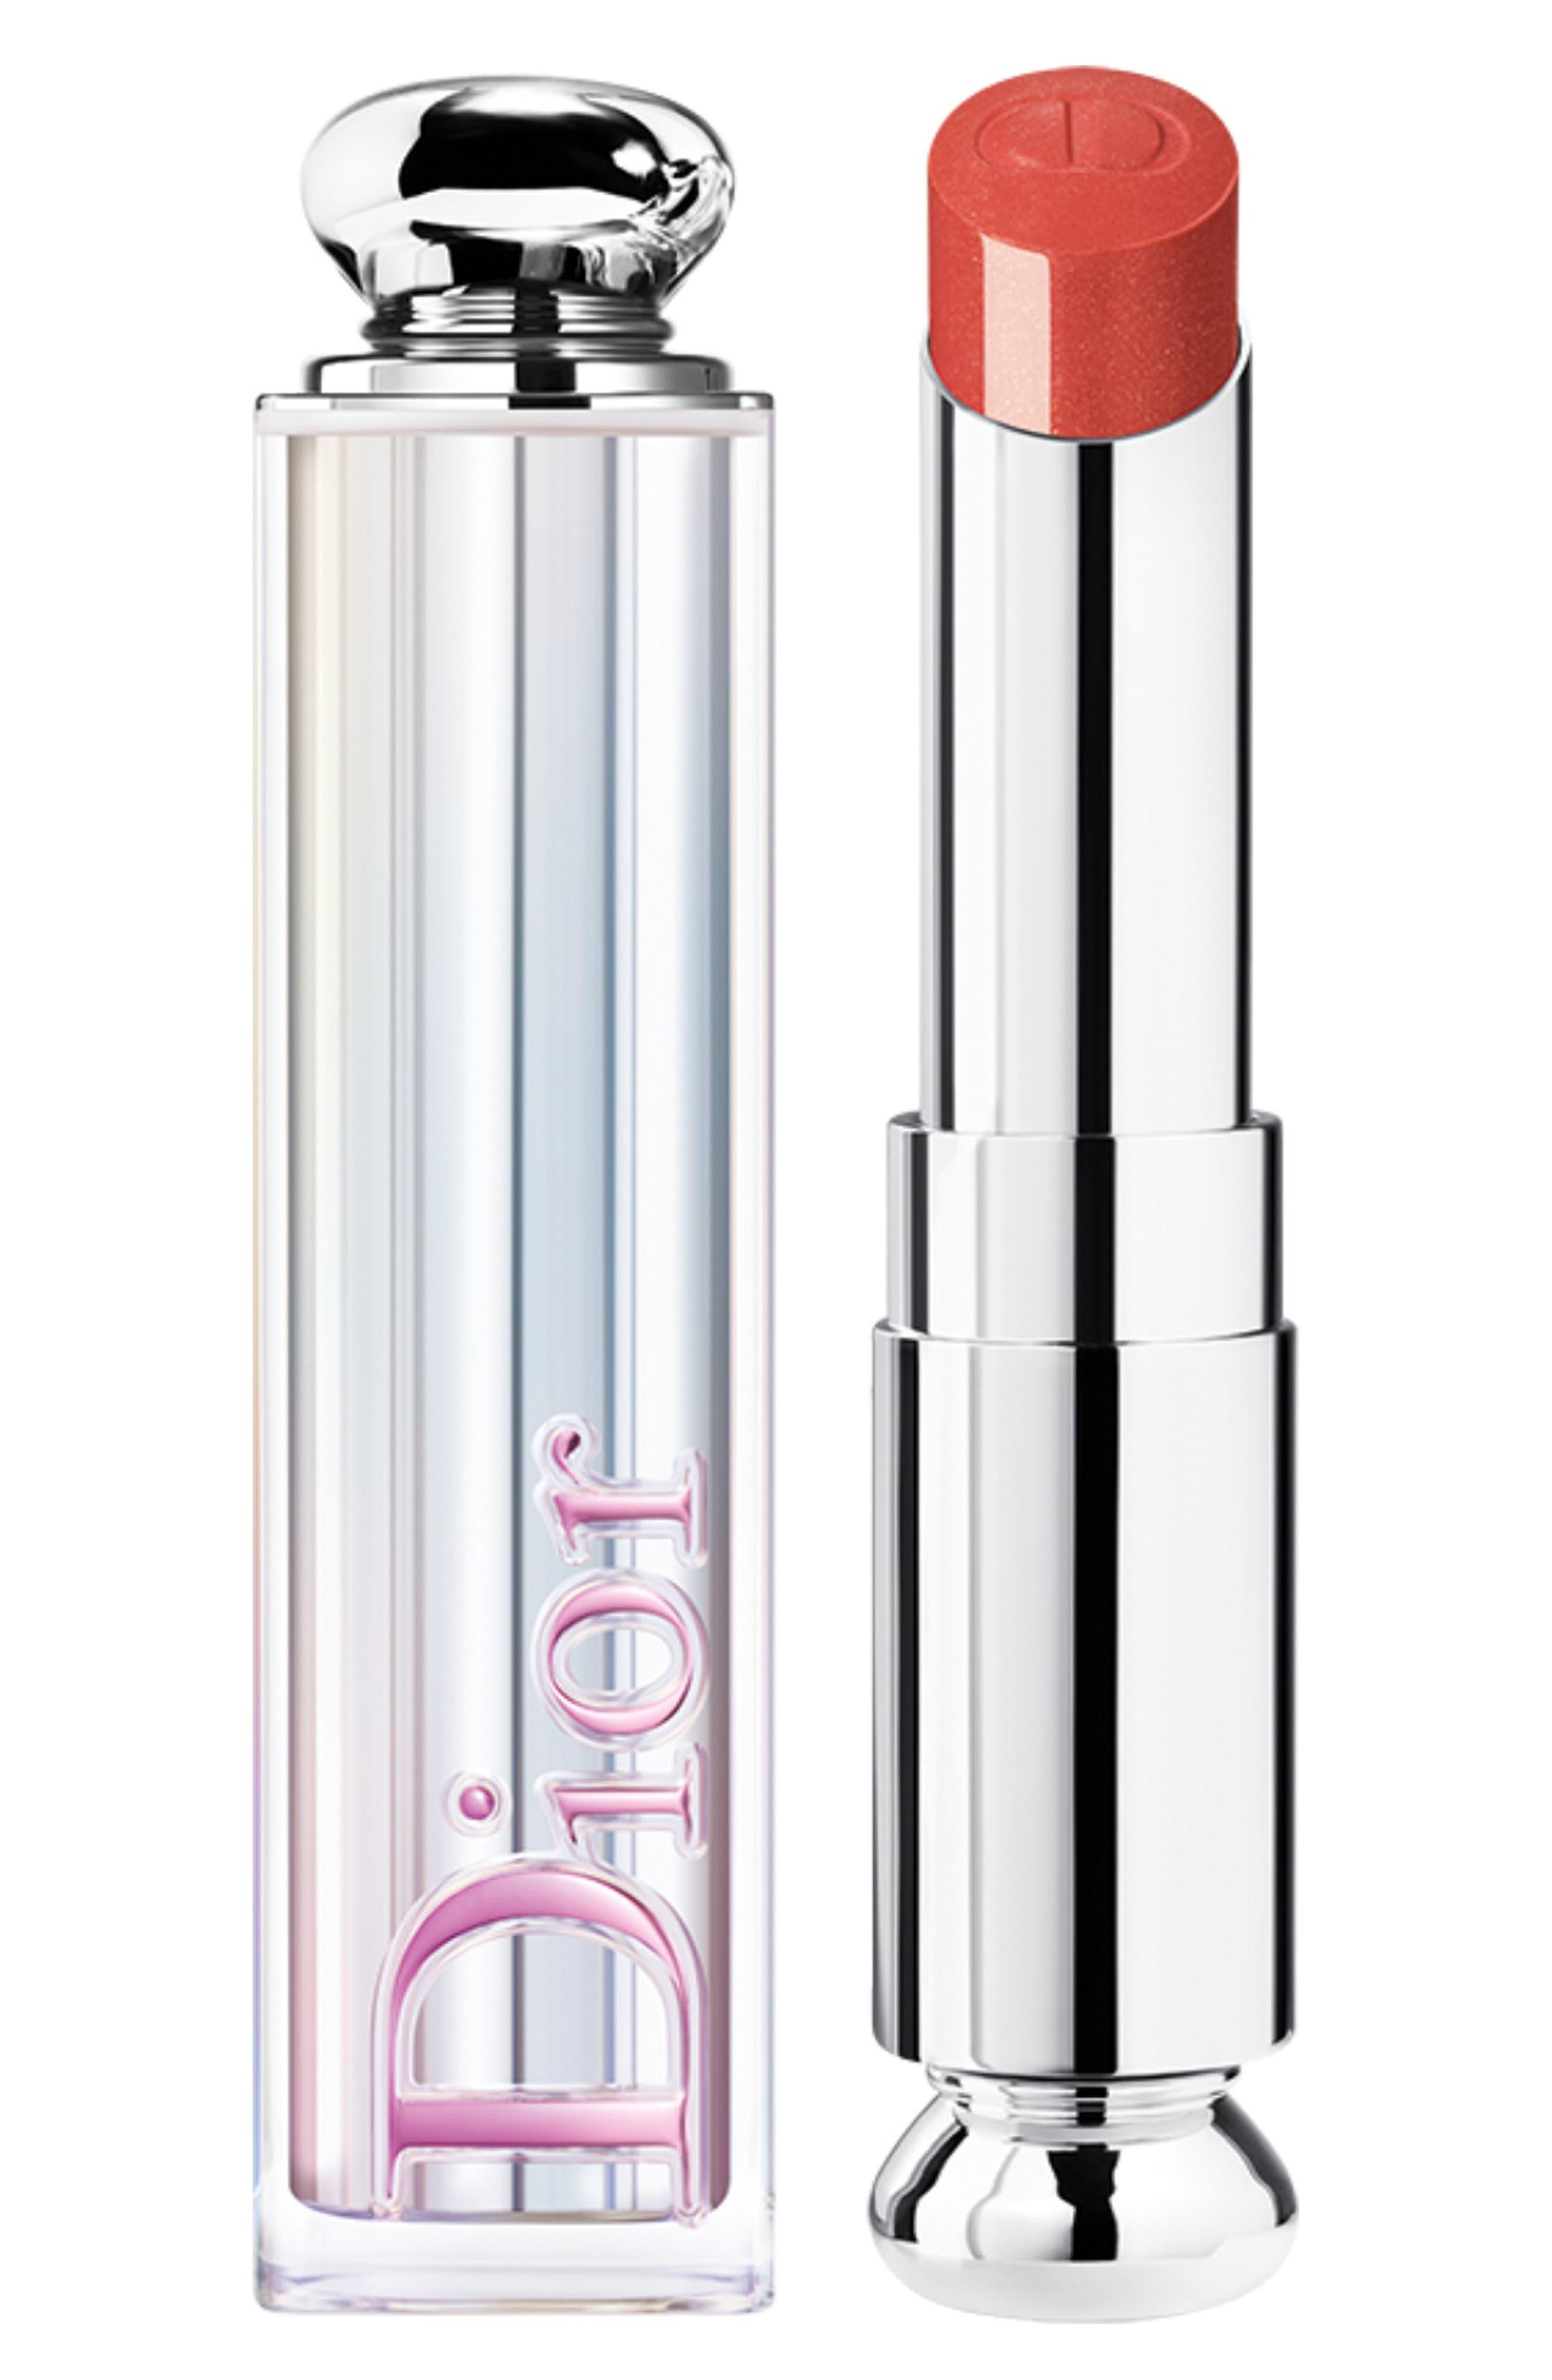 Dior Addict Stellar Shine Lipstick - 649 Diorsphere